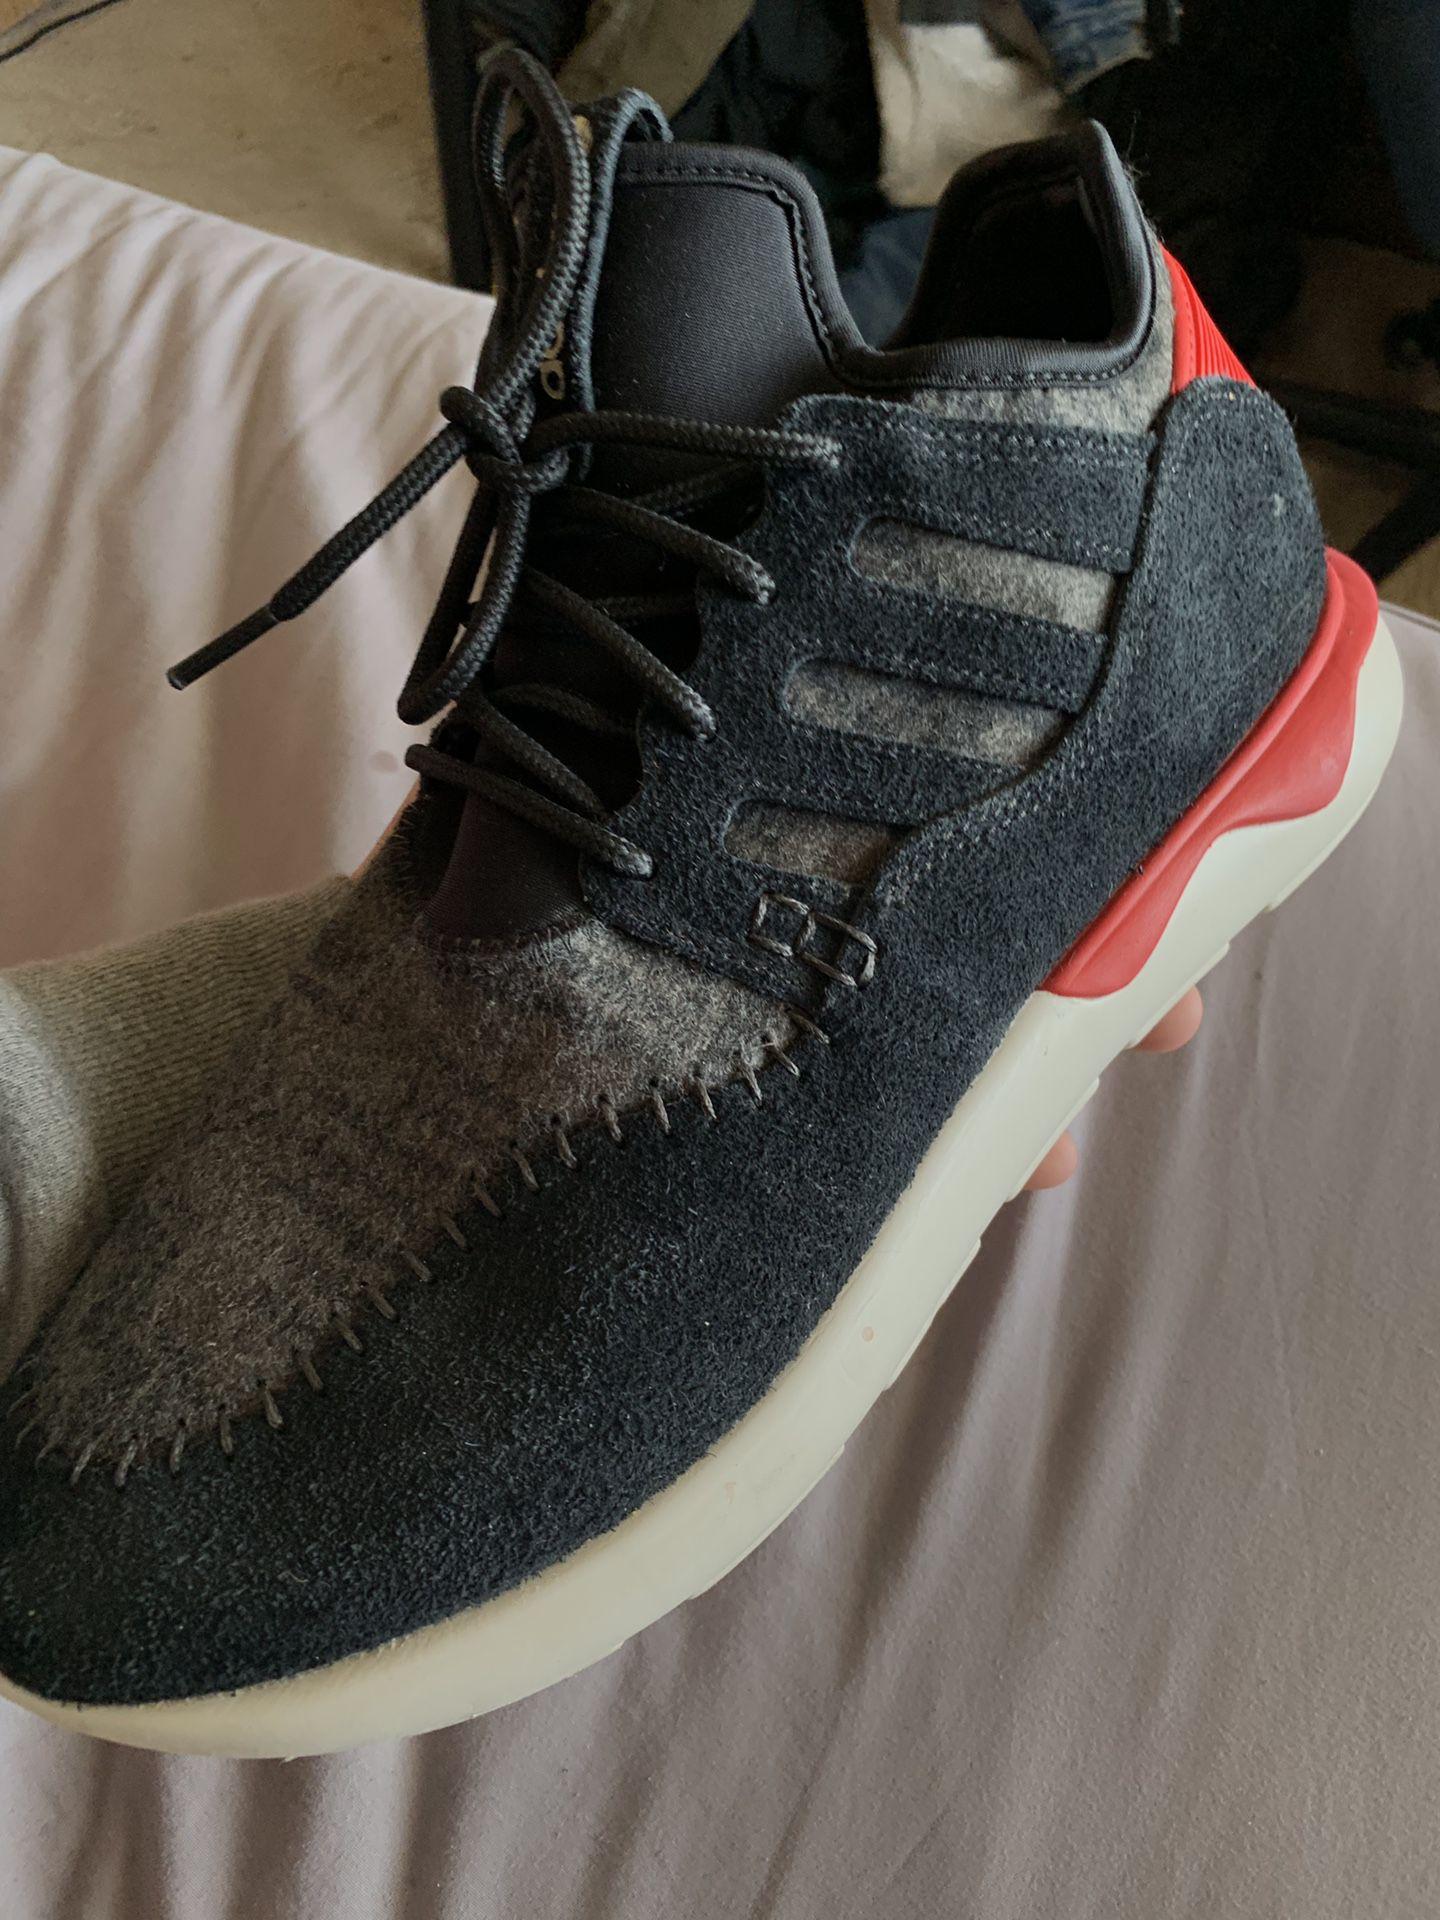 Adidas tubulars size 10 1/2